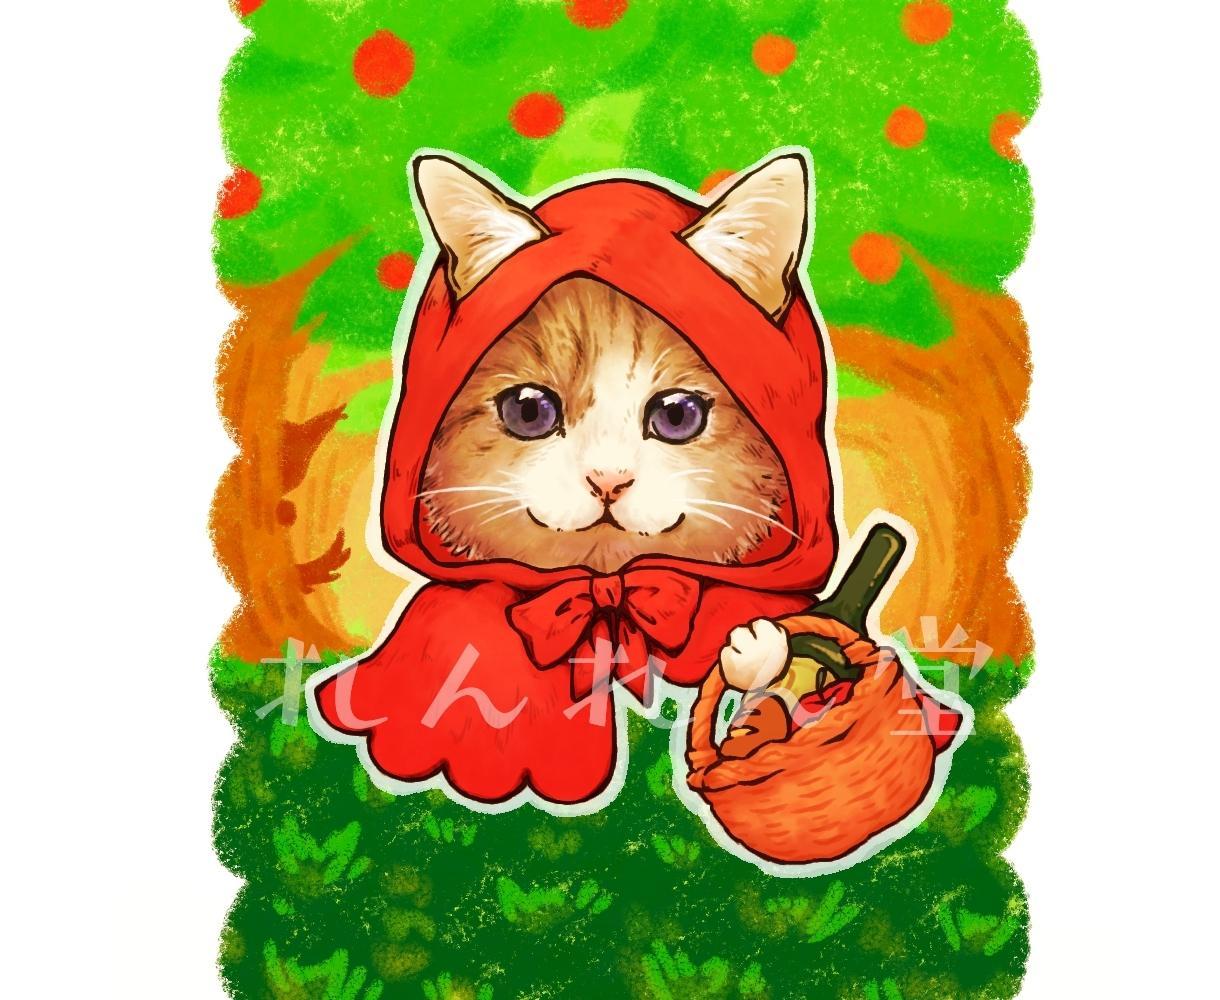 かわいく!あなたの猫ちゃんの似顔絵を描きます 猫ちゃんを、指定いただいた服や風景と合わせてお描きします イメージ1